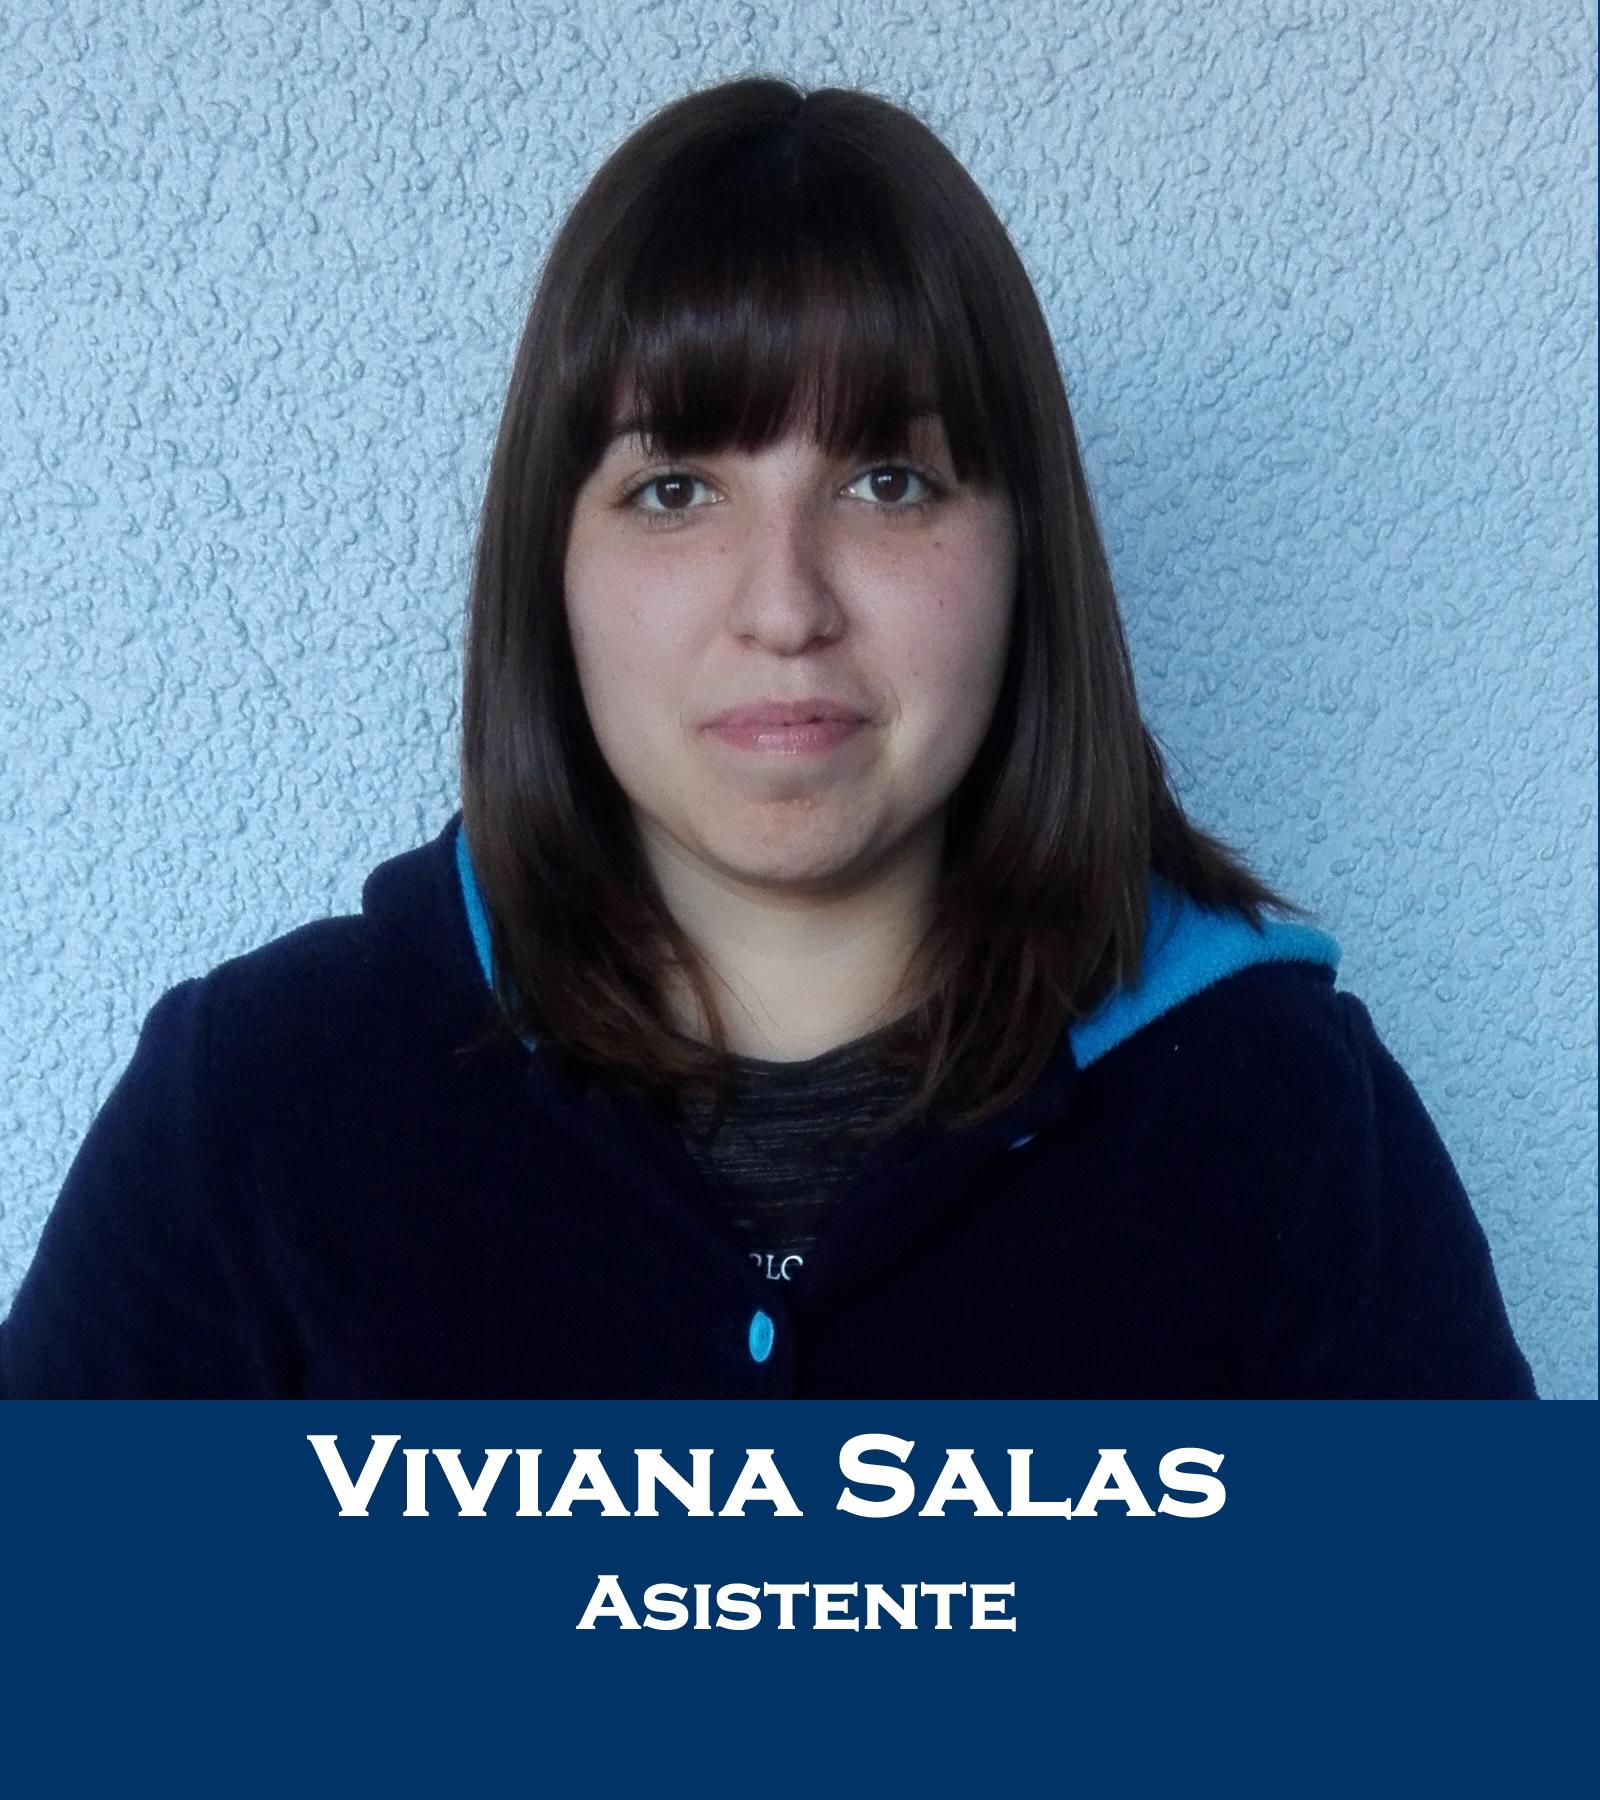 Viviana-Salas